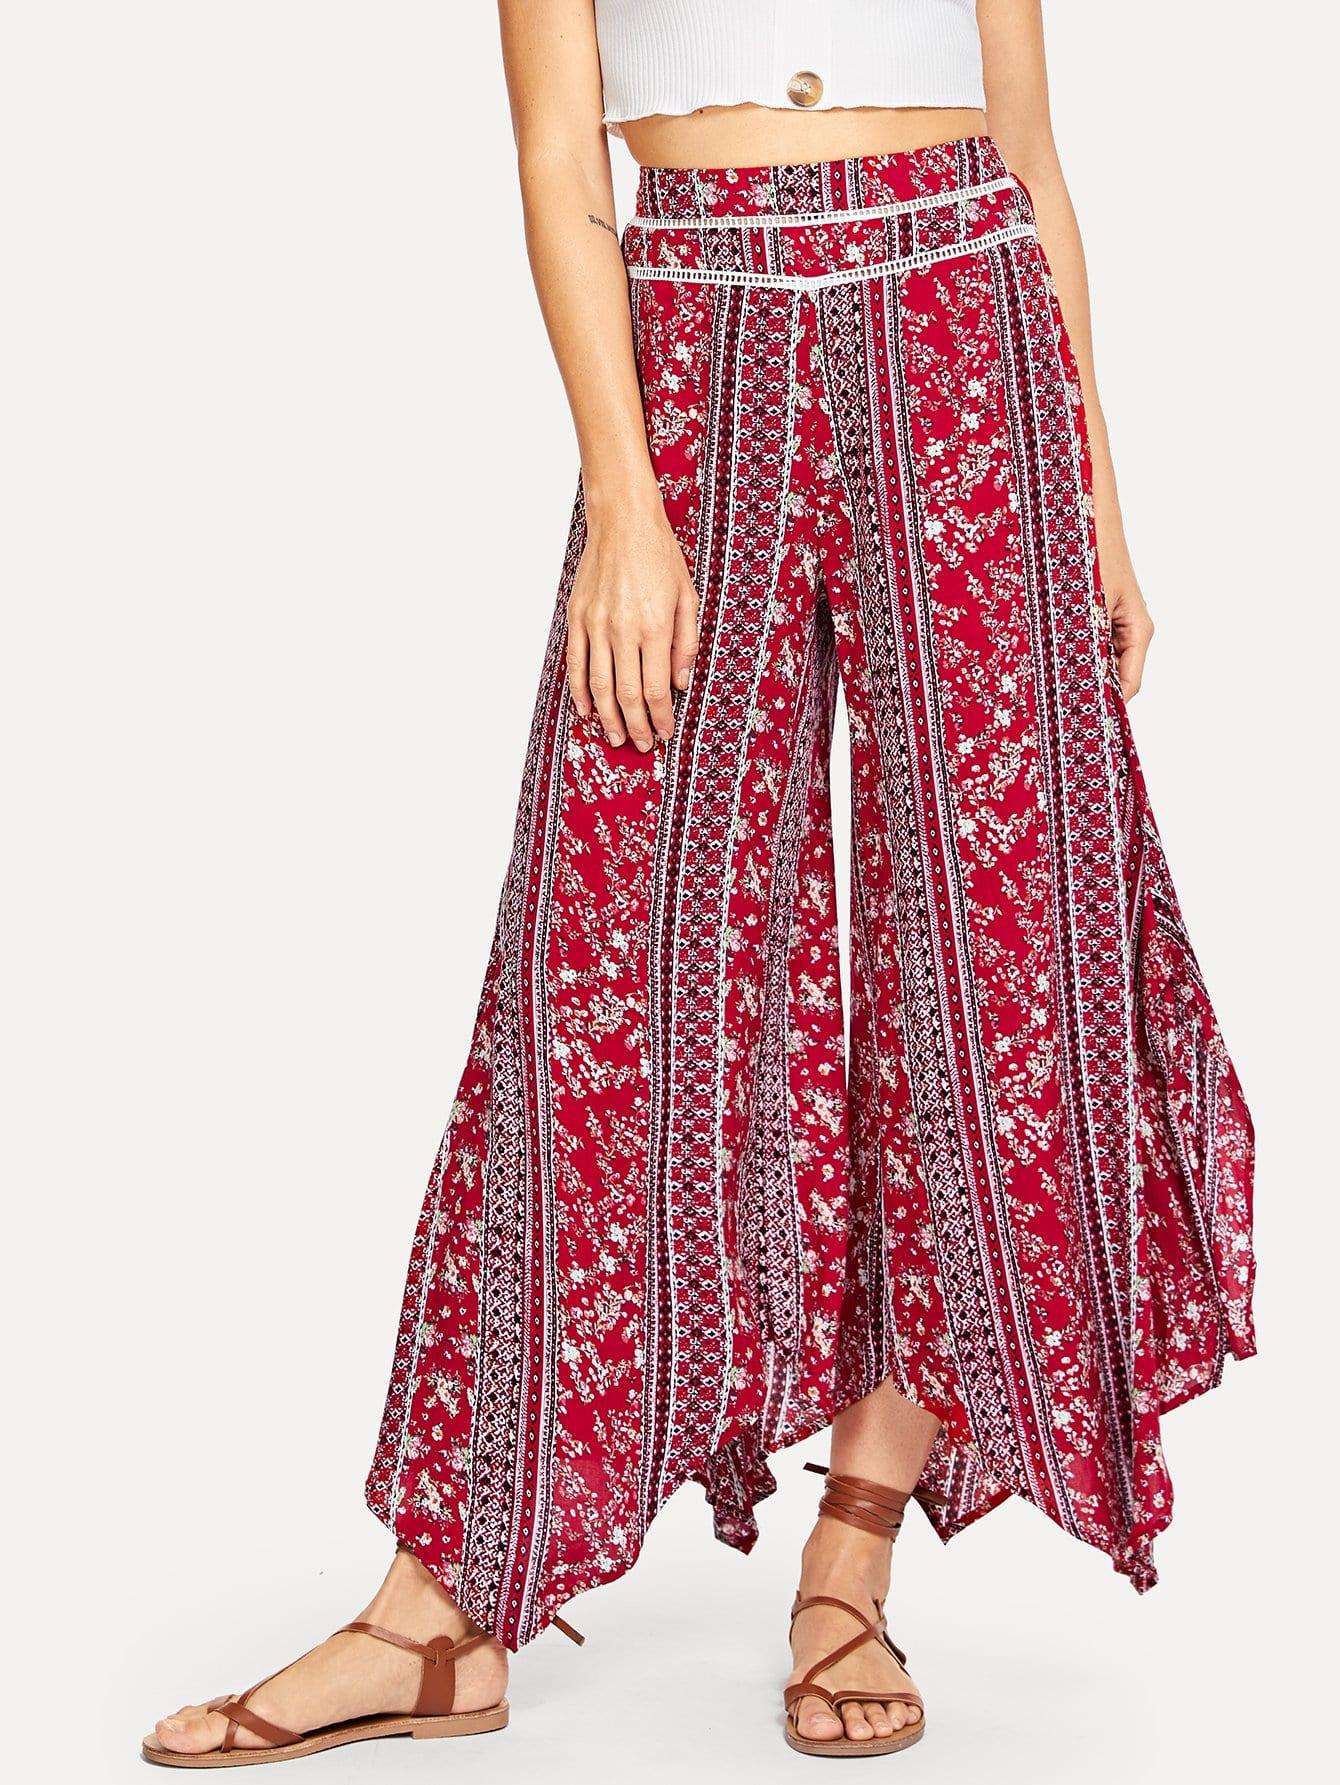 Купить Цветочная печать Полосатые широкие штаны для ног, Masha, SheIn